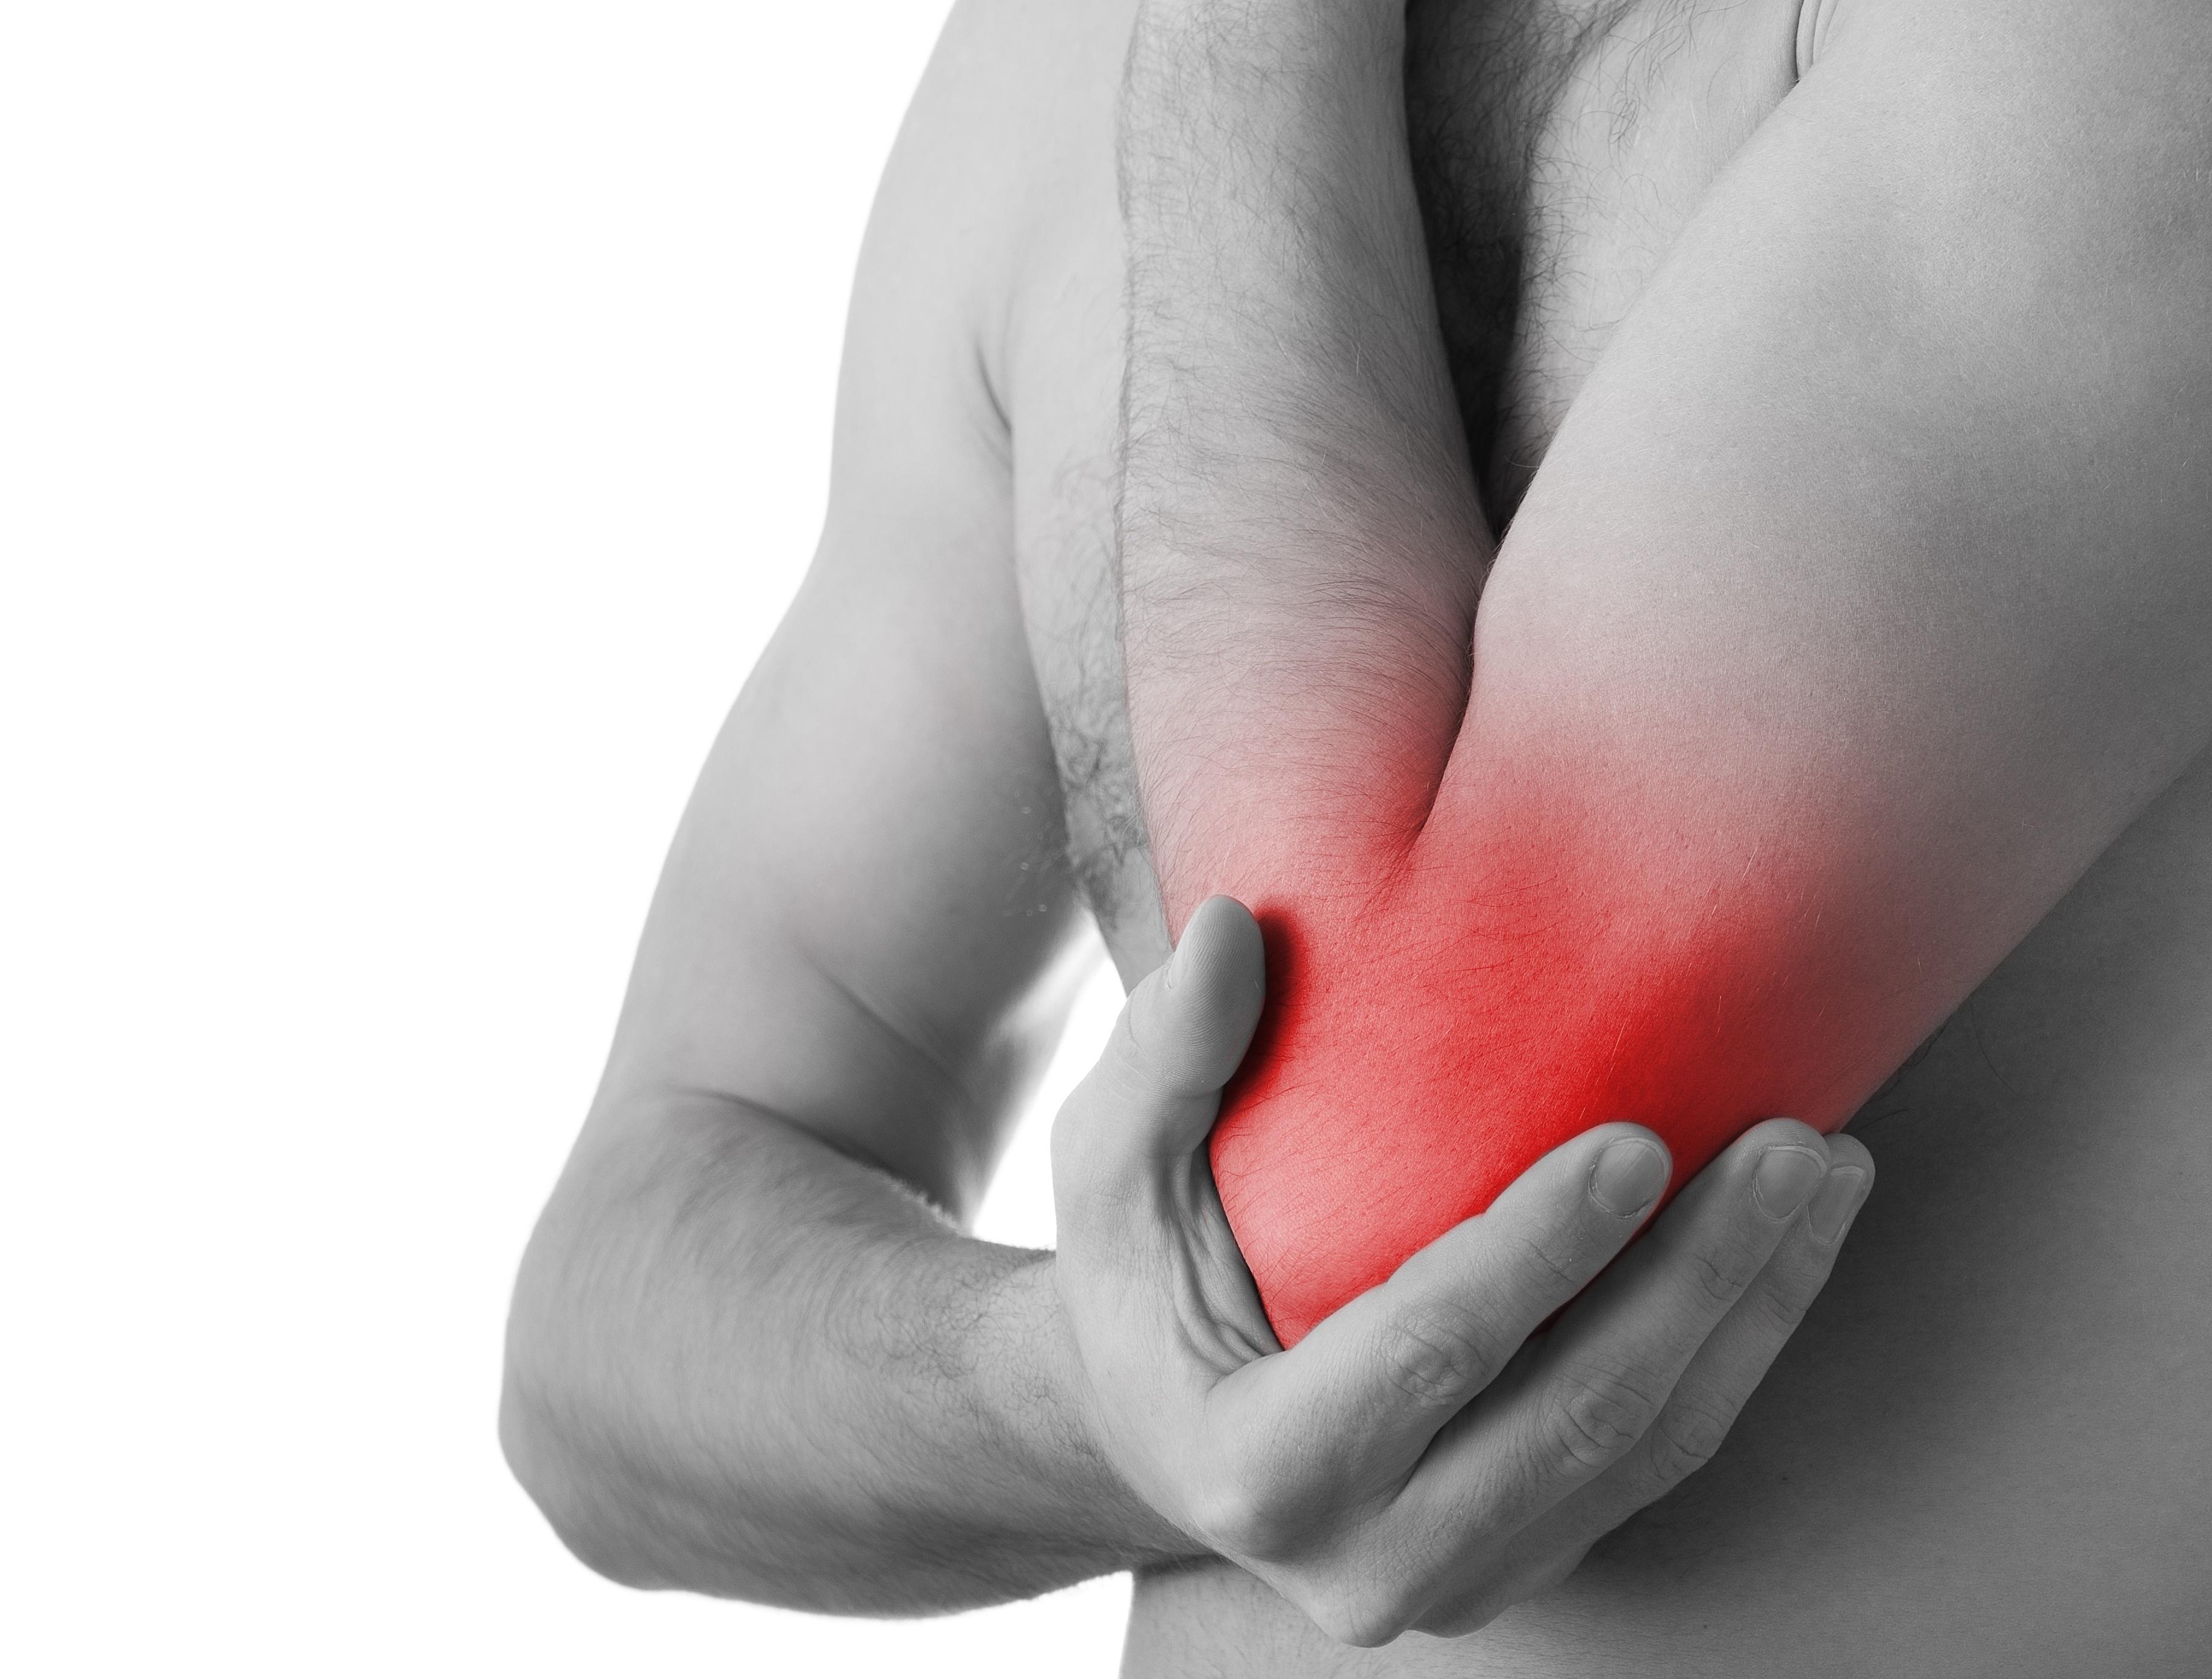 mi a teendő, ha a könyök ízületei fájnak fájó orrízület kezelése